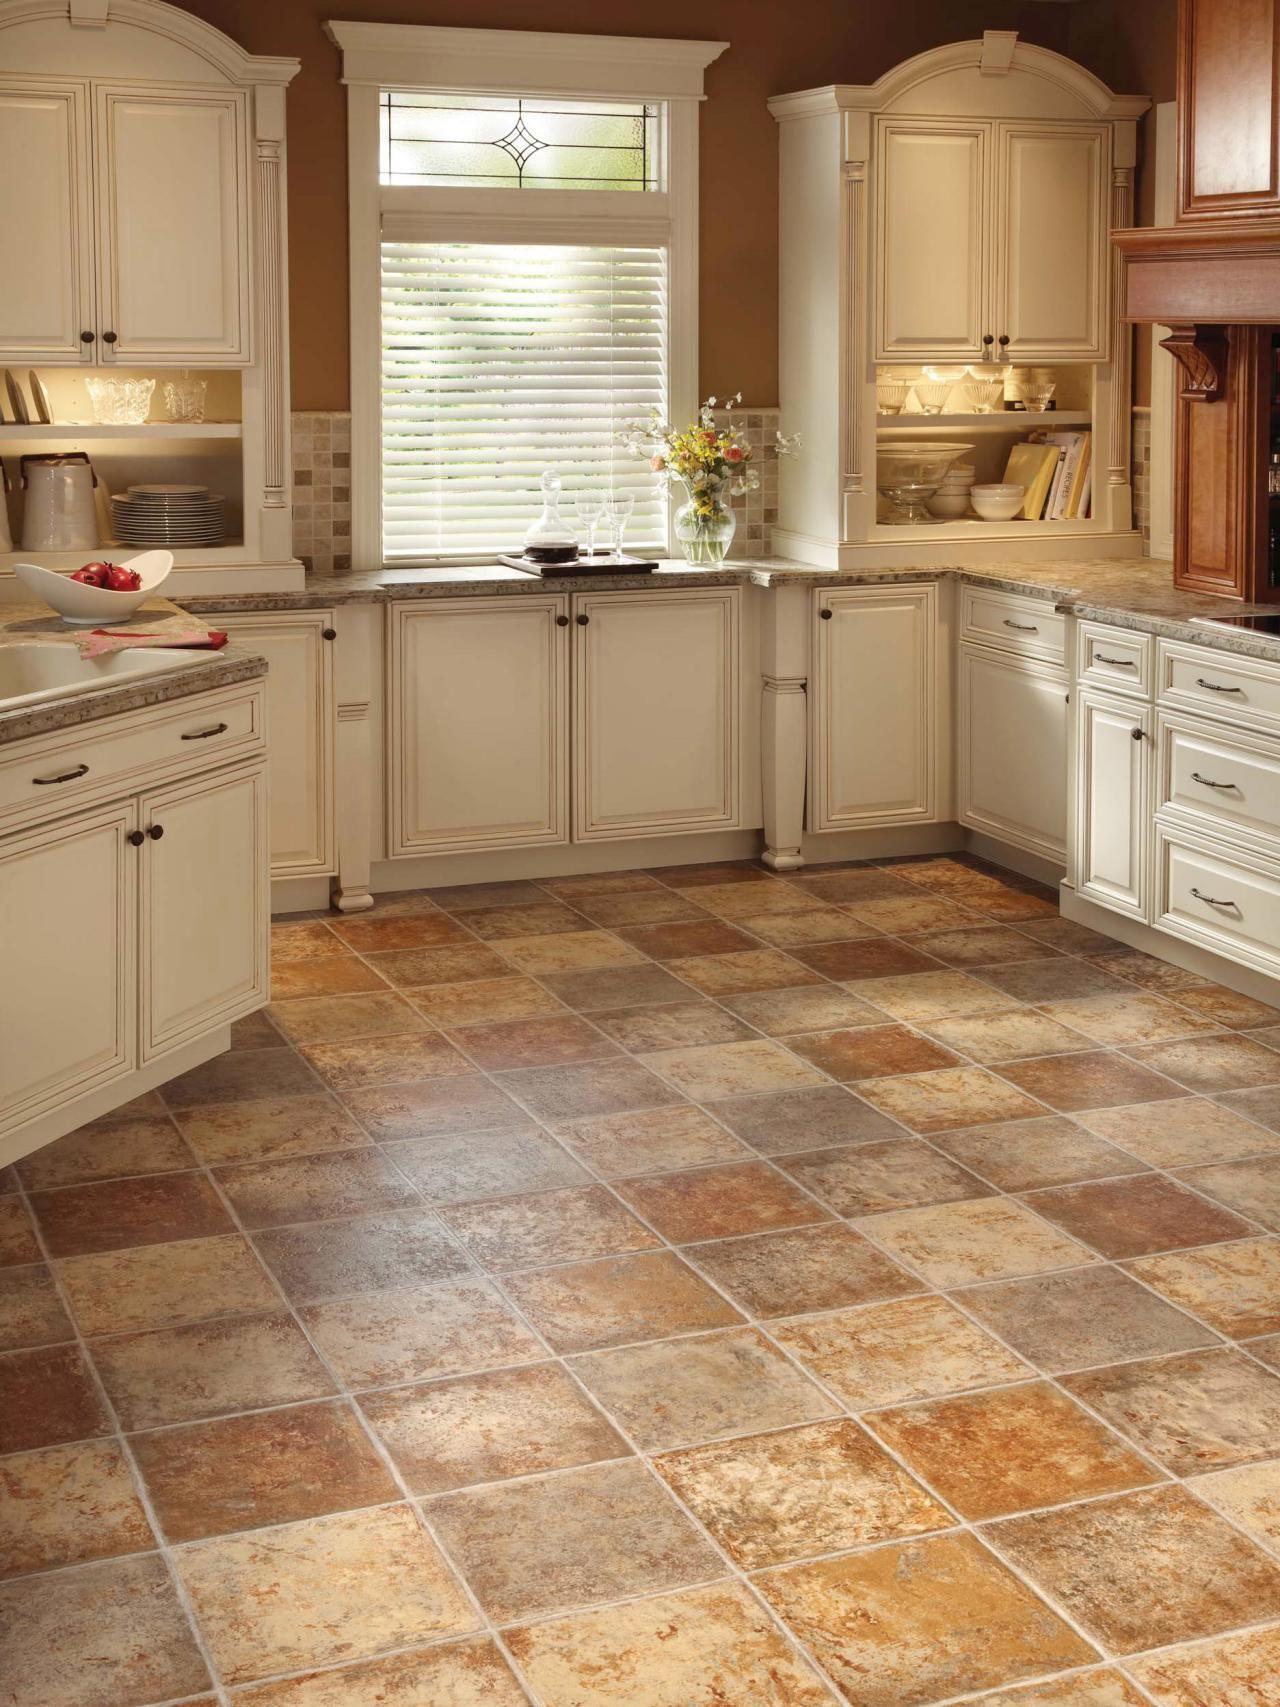 Küche Bodenbelag Ideen   Küche Bodenbelag Ideen – Haus ...